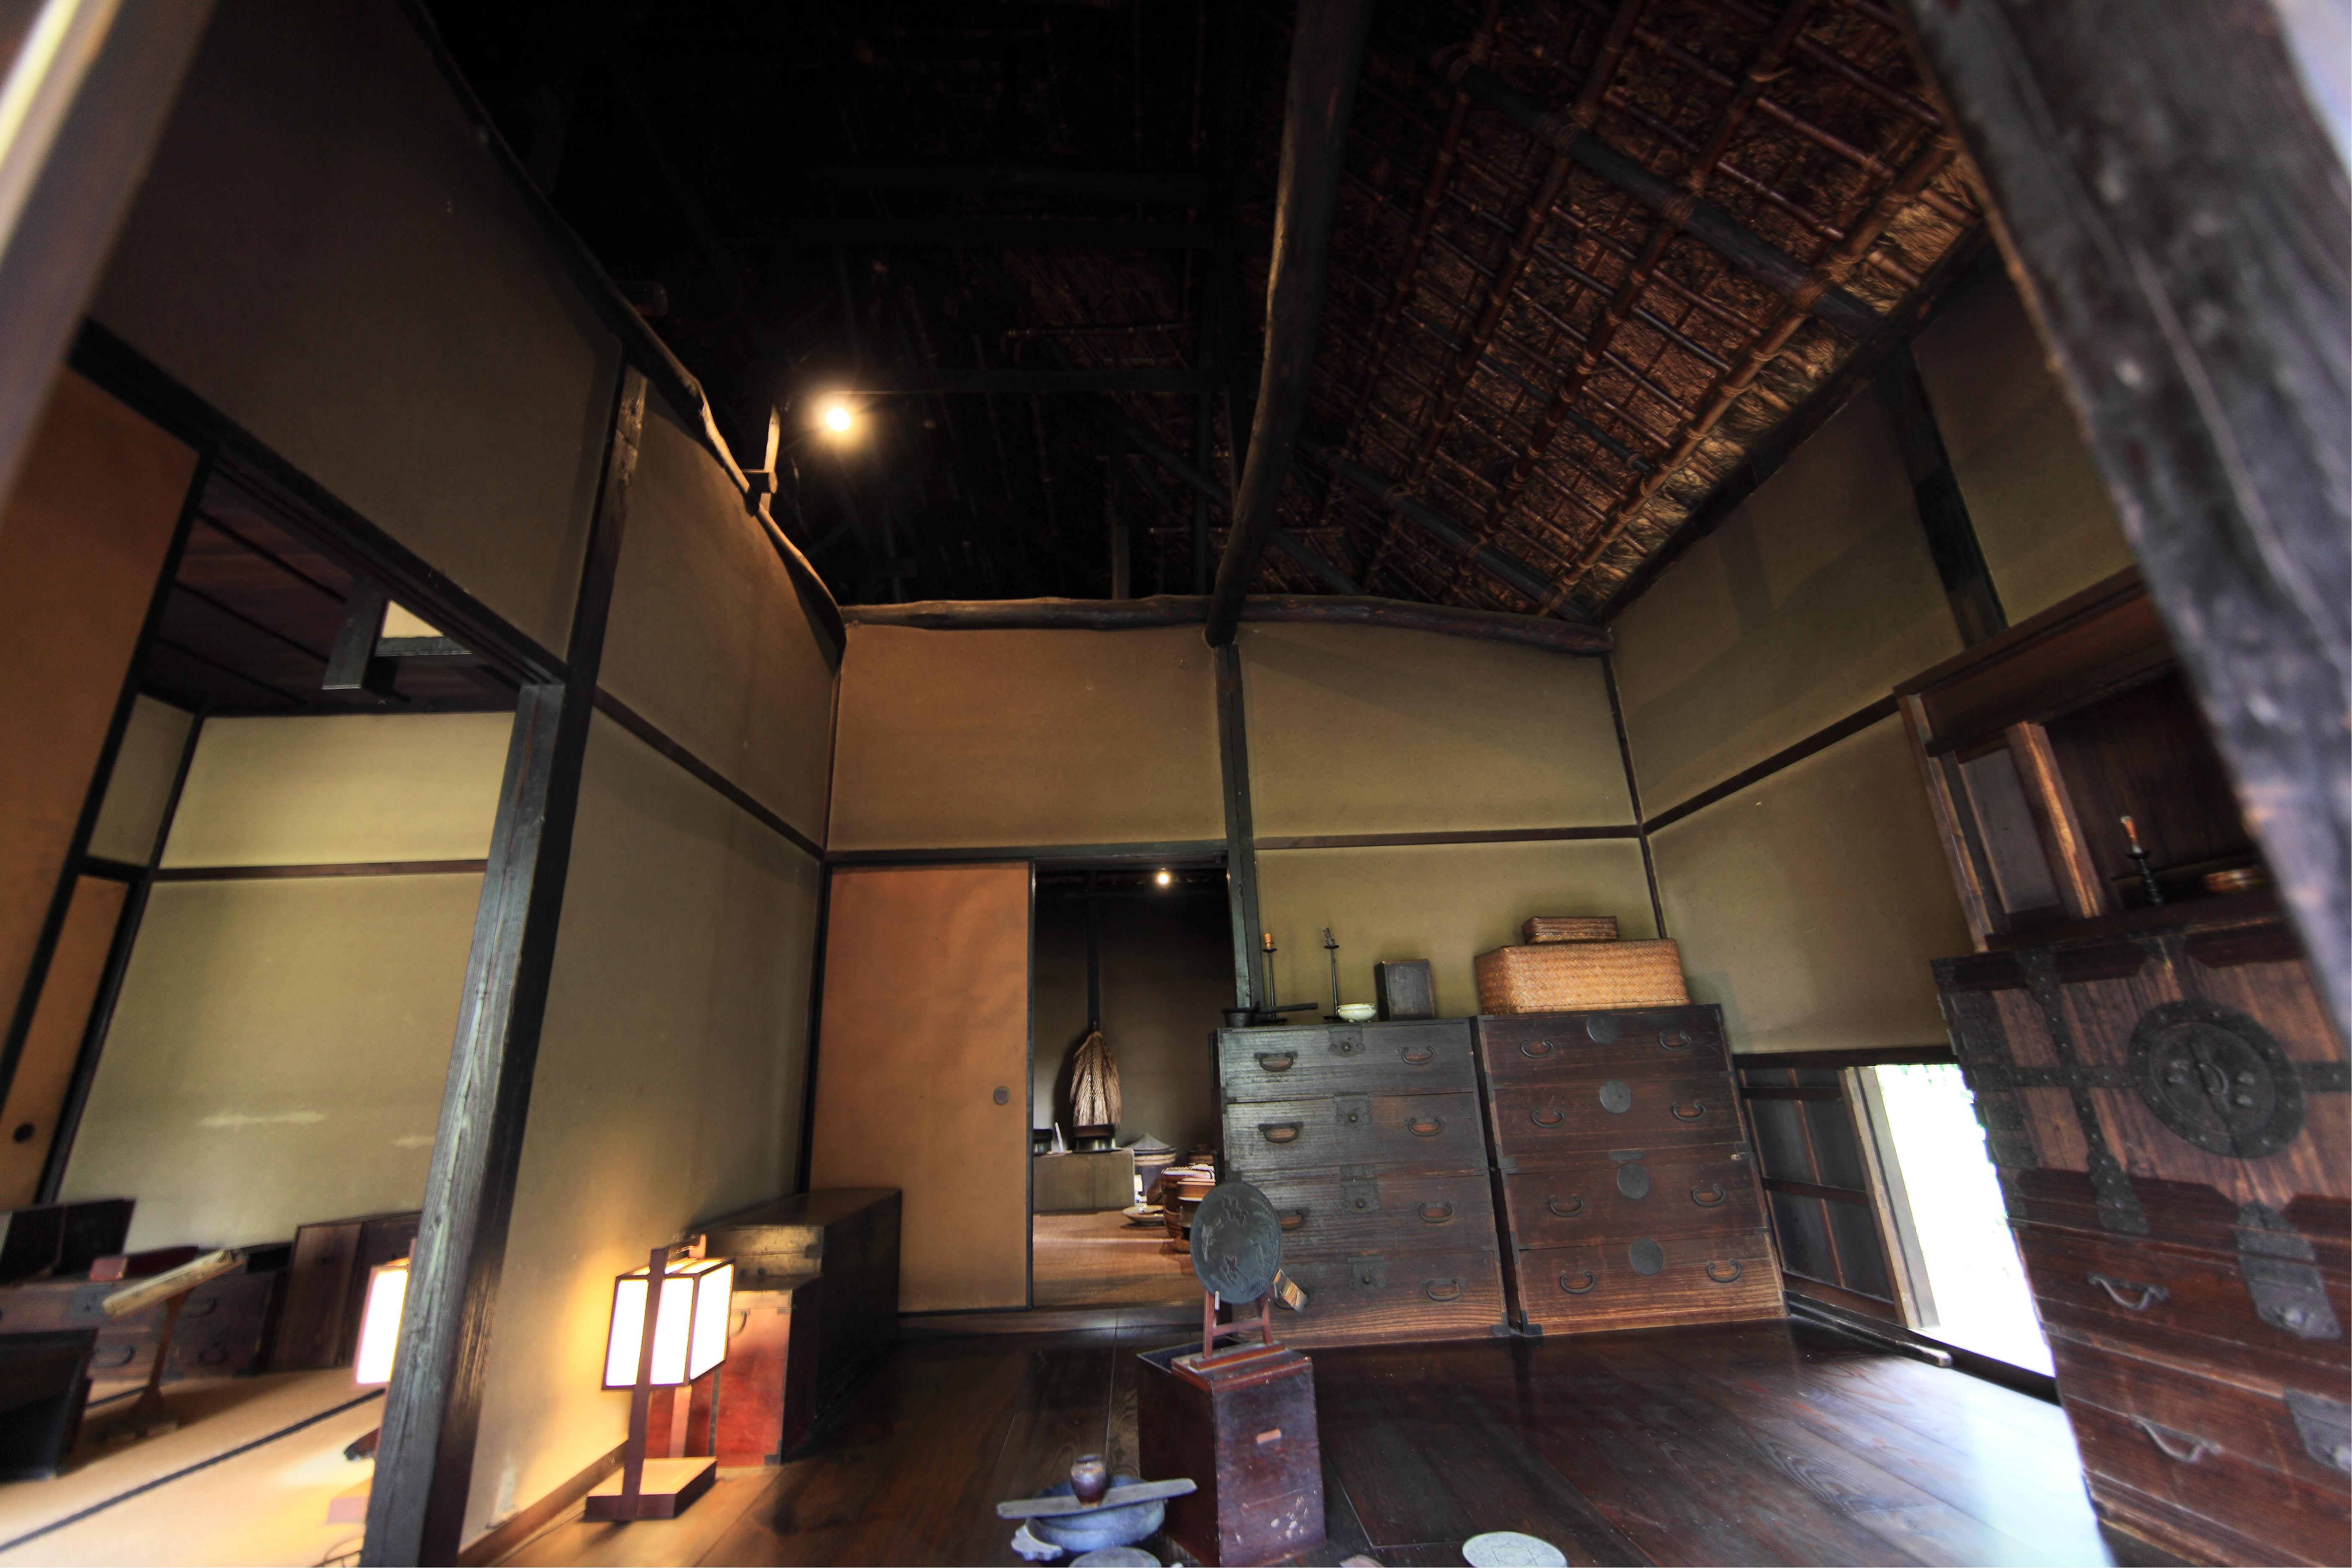 Interieur Maison Japonaise Traditionnelle images gratuites : bois, maison, intérieur, haute, salon